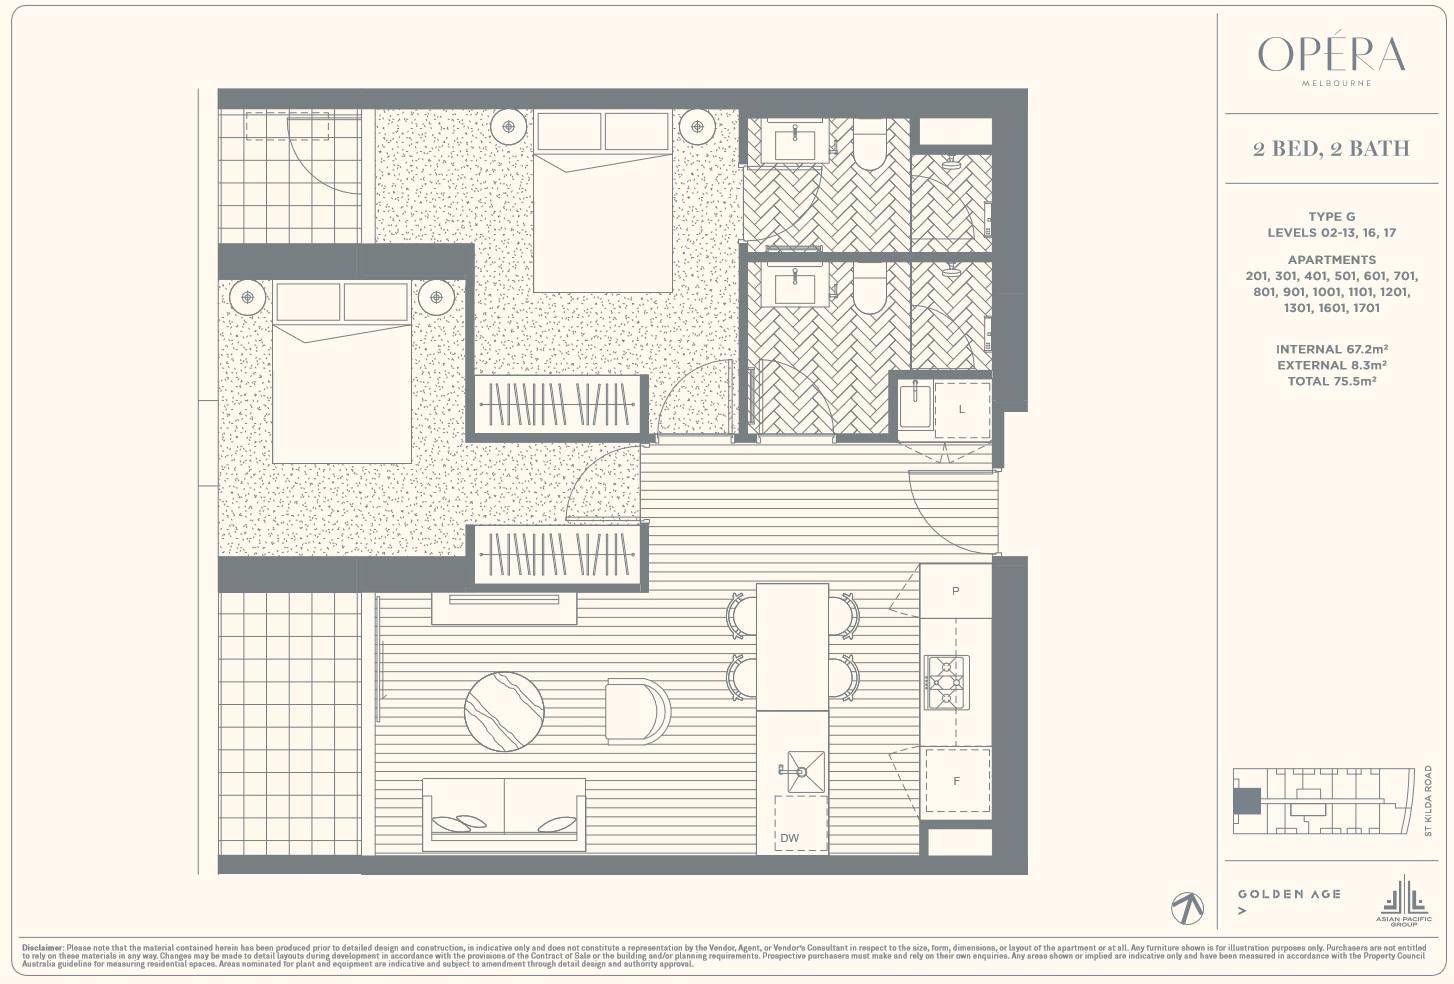 Floor Plan Type G - 2Bed2Bath